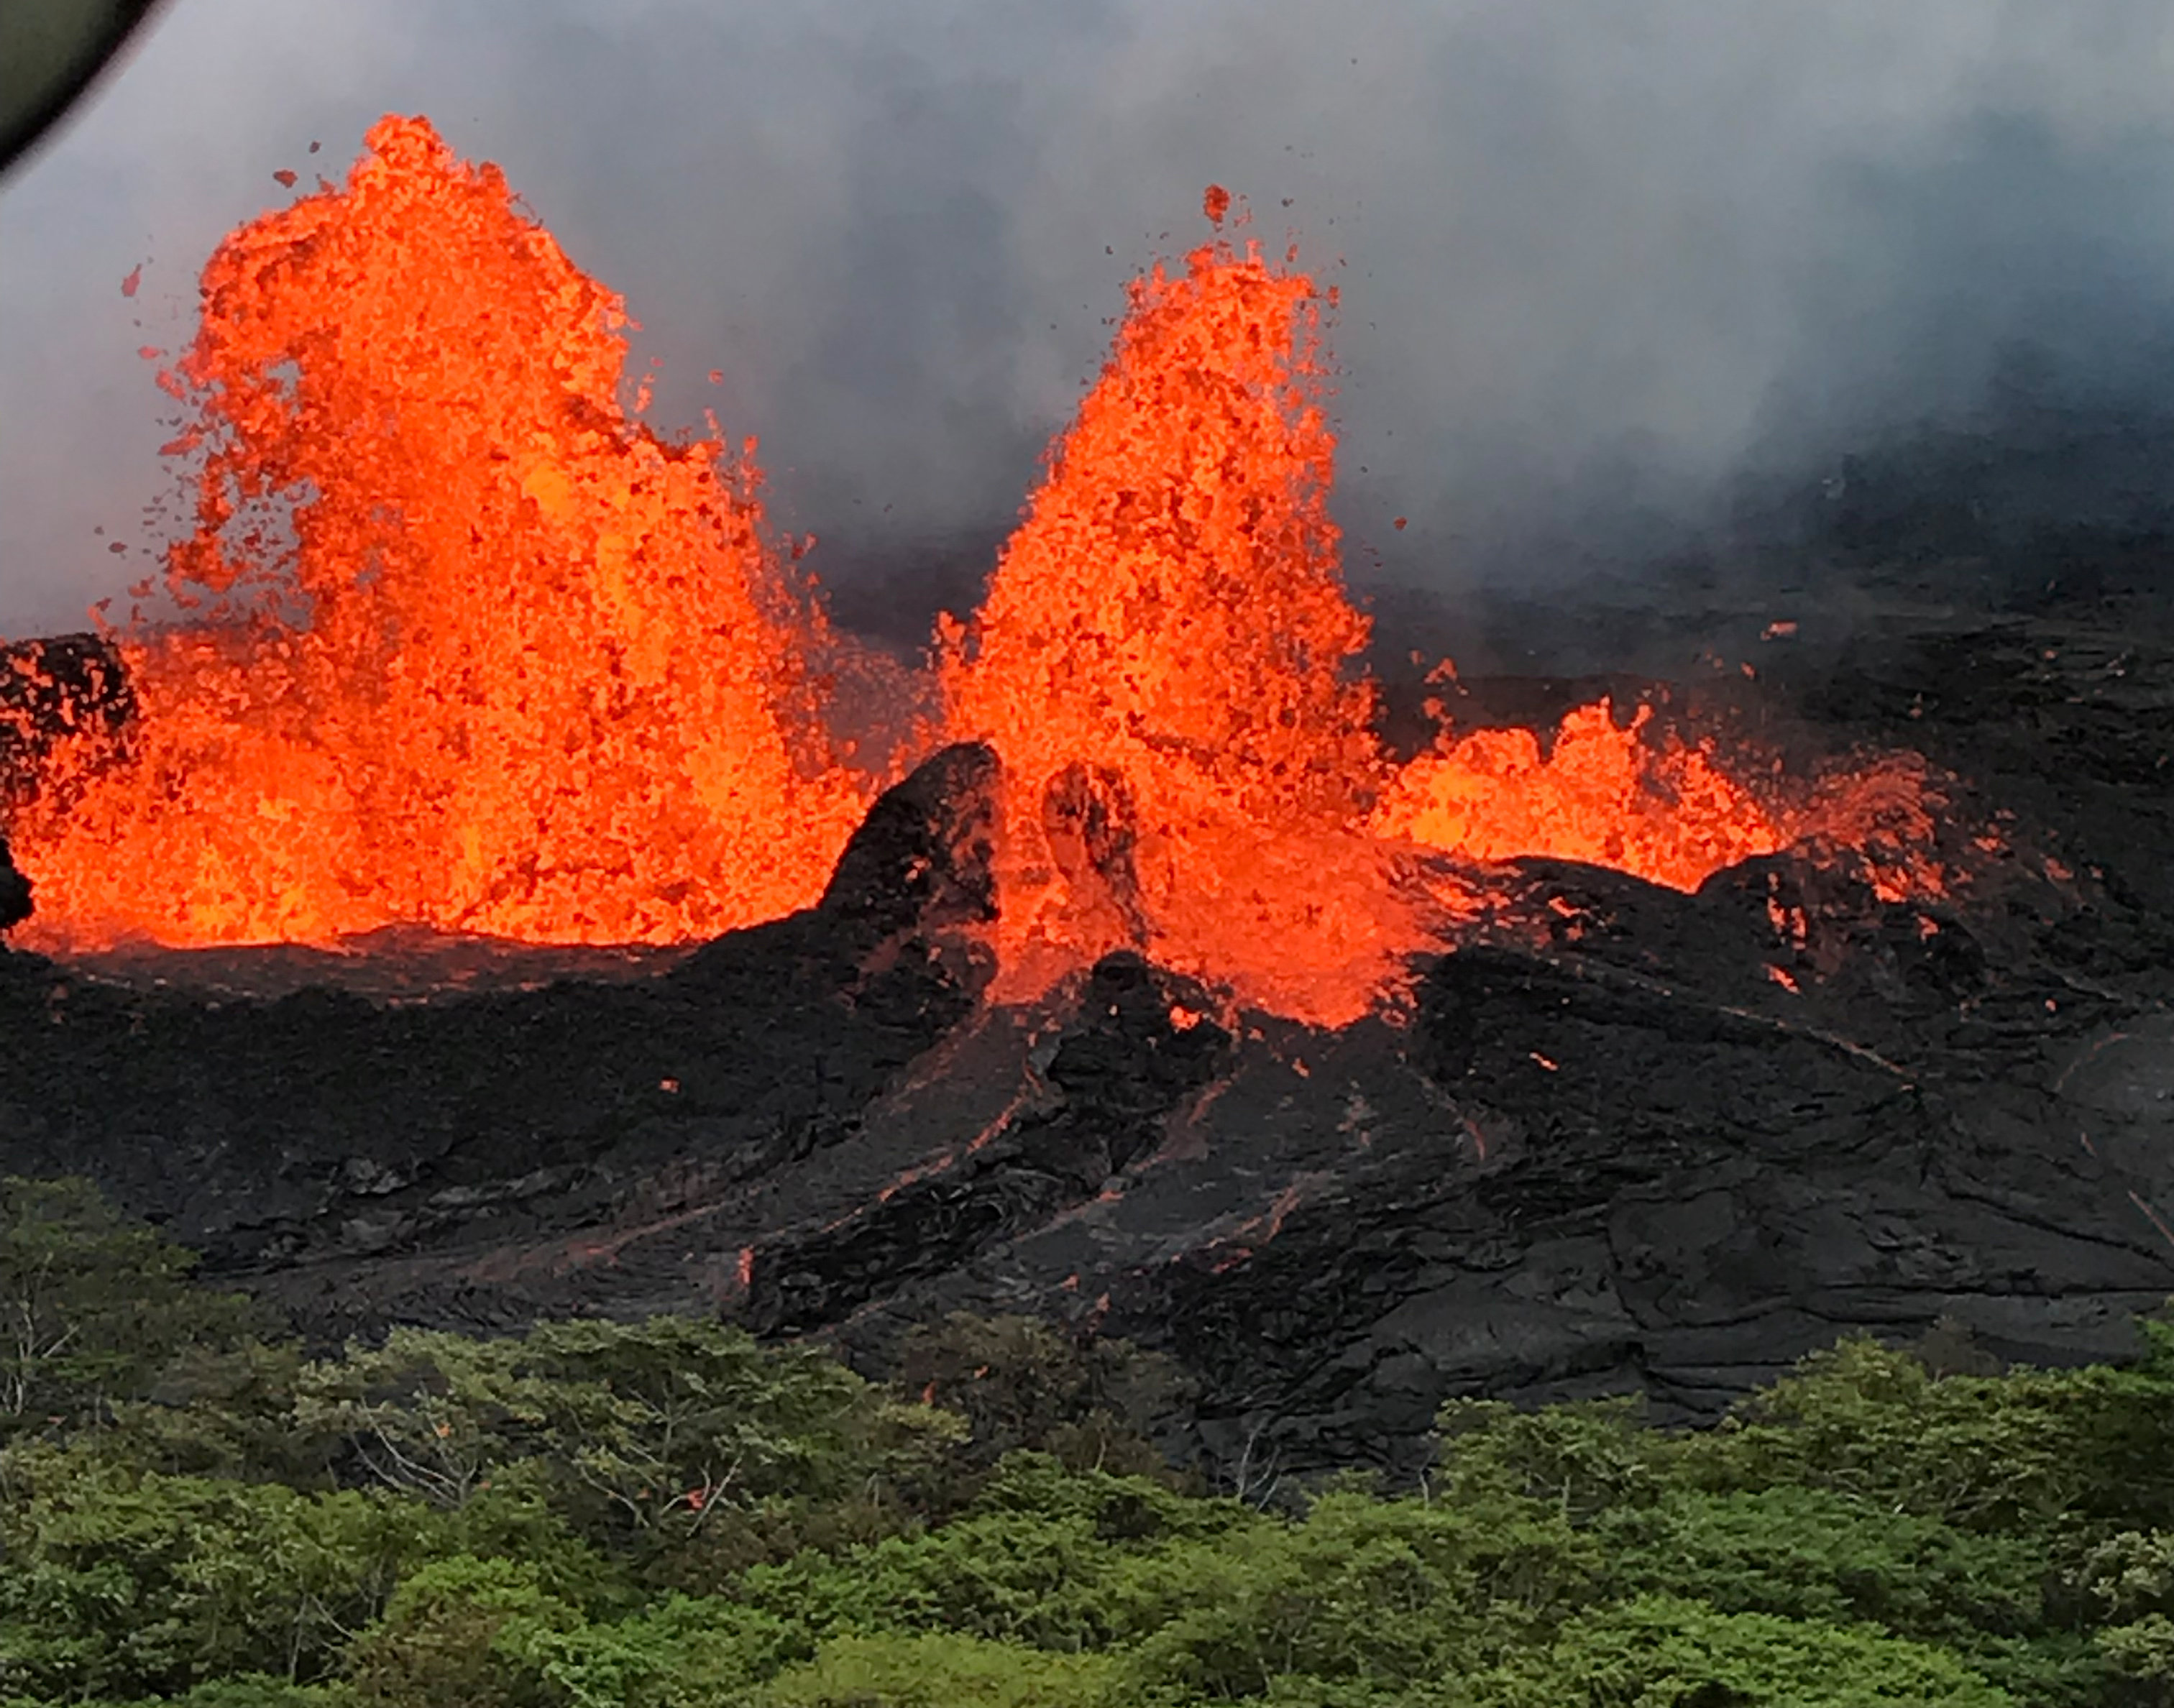 Una fuente de lava captada desde un helicóptero, sobre la Fisura 22 del Volcán Kilauea en Hawaii, el 21 de mayo(REUTERS)